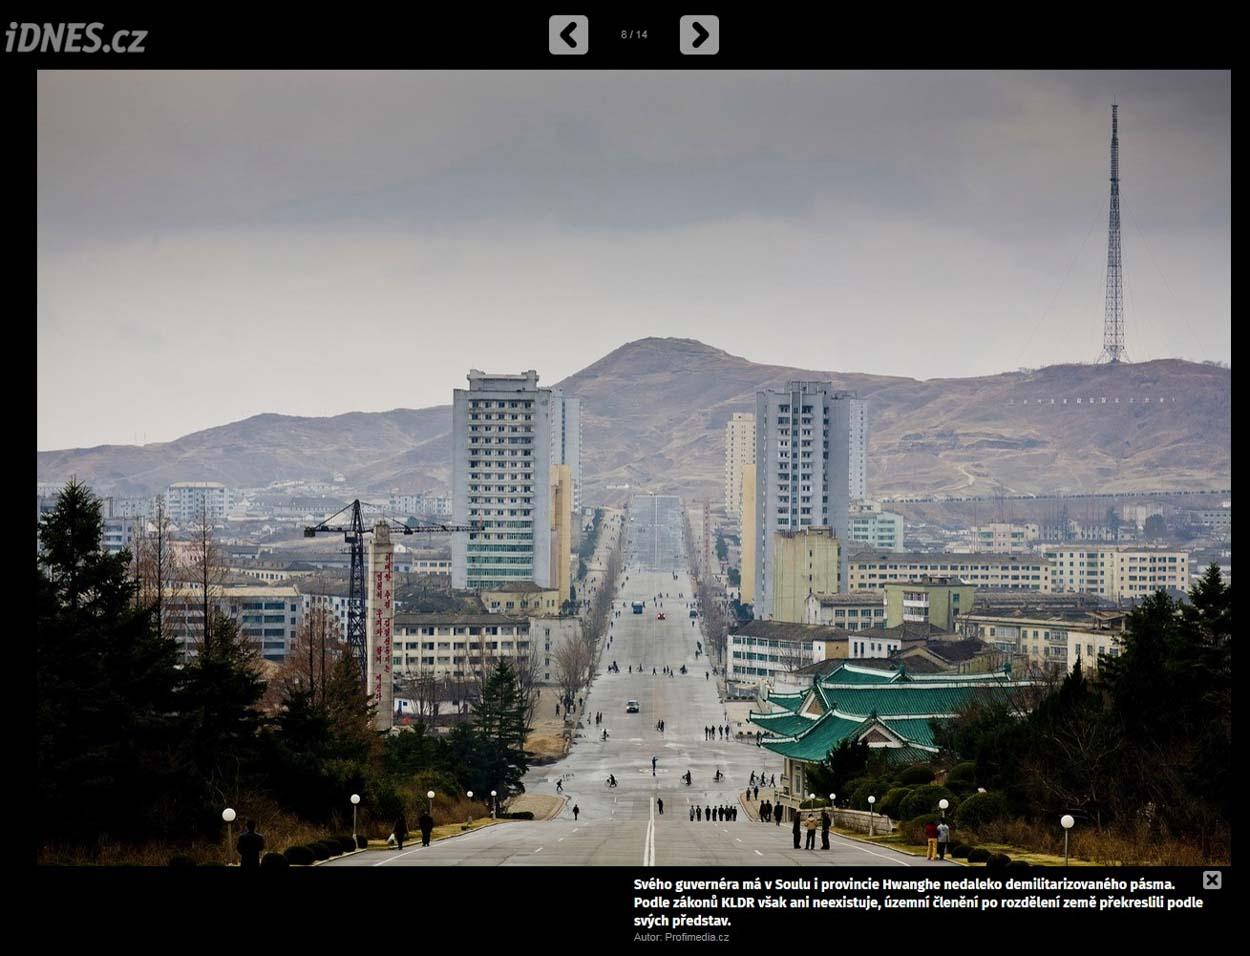 Publication de Vincent Prévost, large avenue désertée par les voitures, ville de Kaesong, Corée du Nord